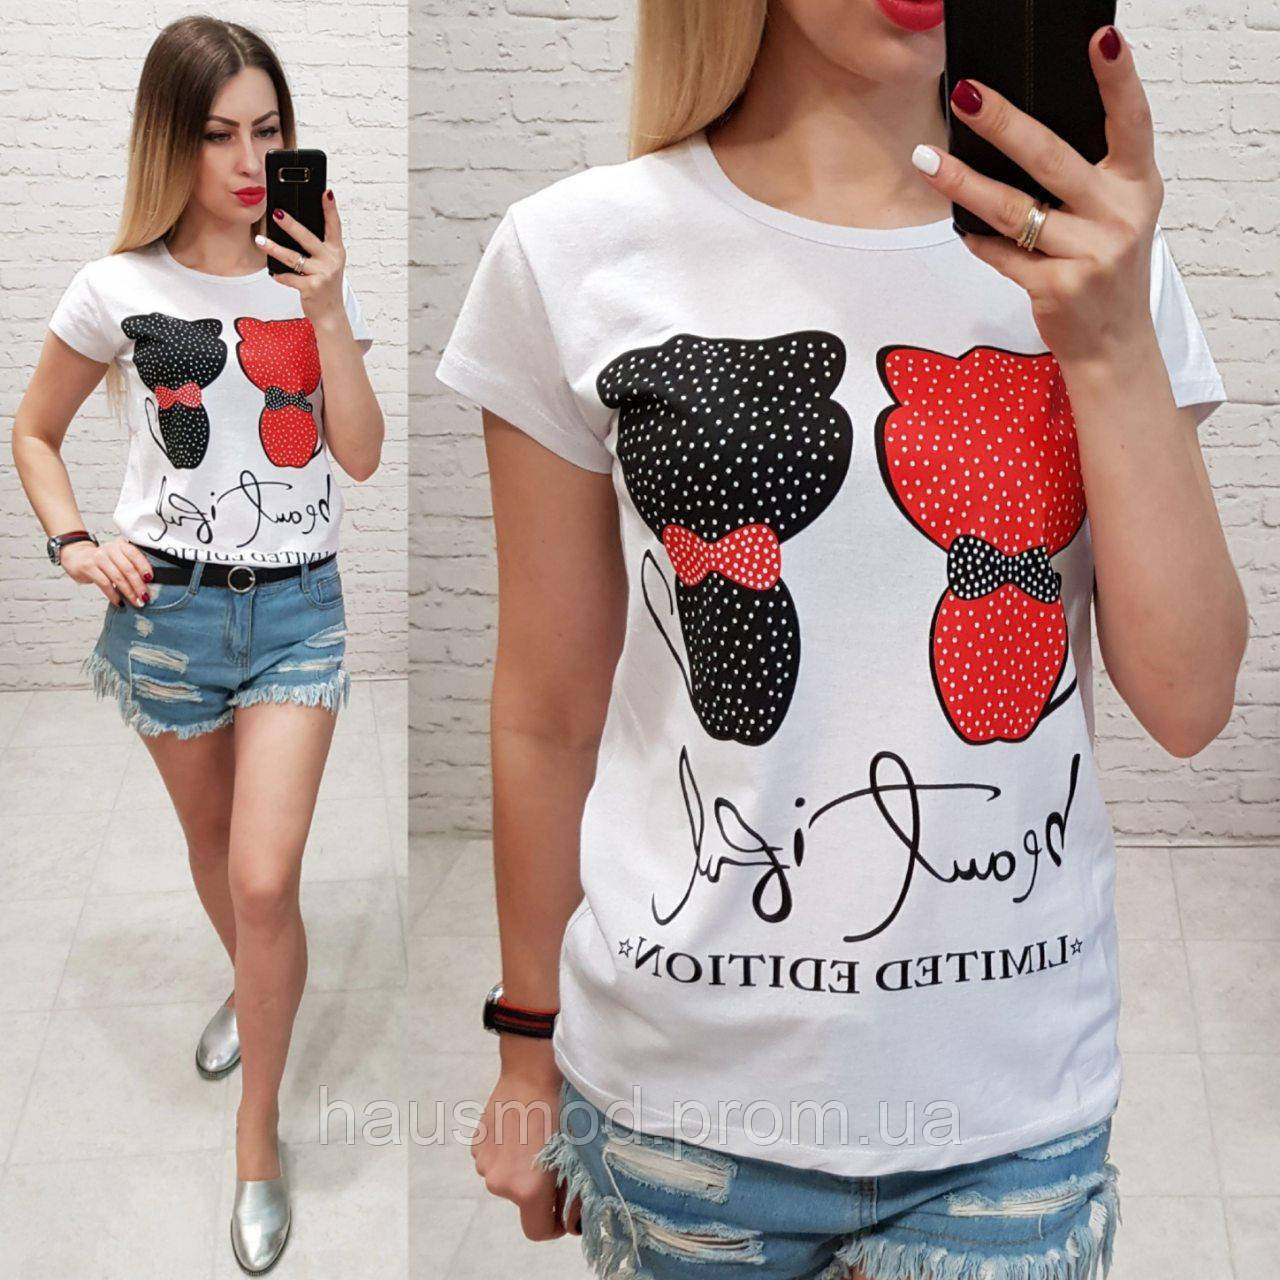 Женская футболка летняя рисунок кошки черная и красная 100% катон качество турция цвет белый